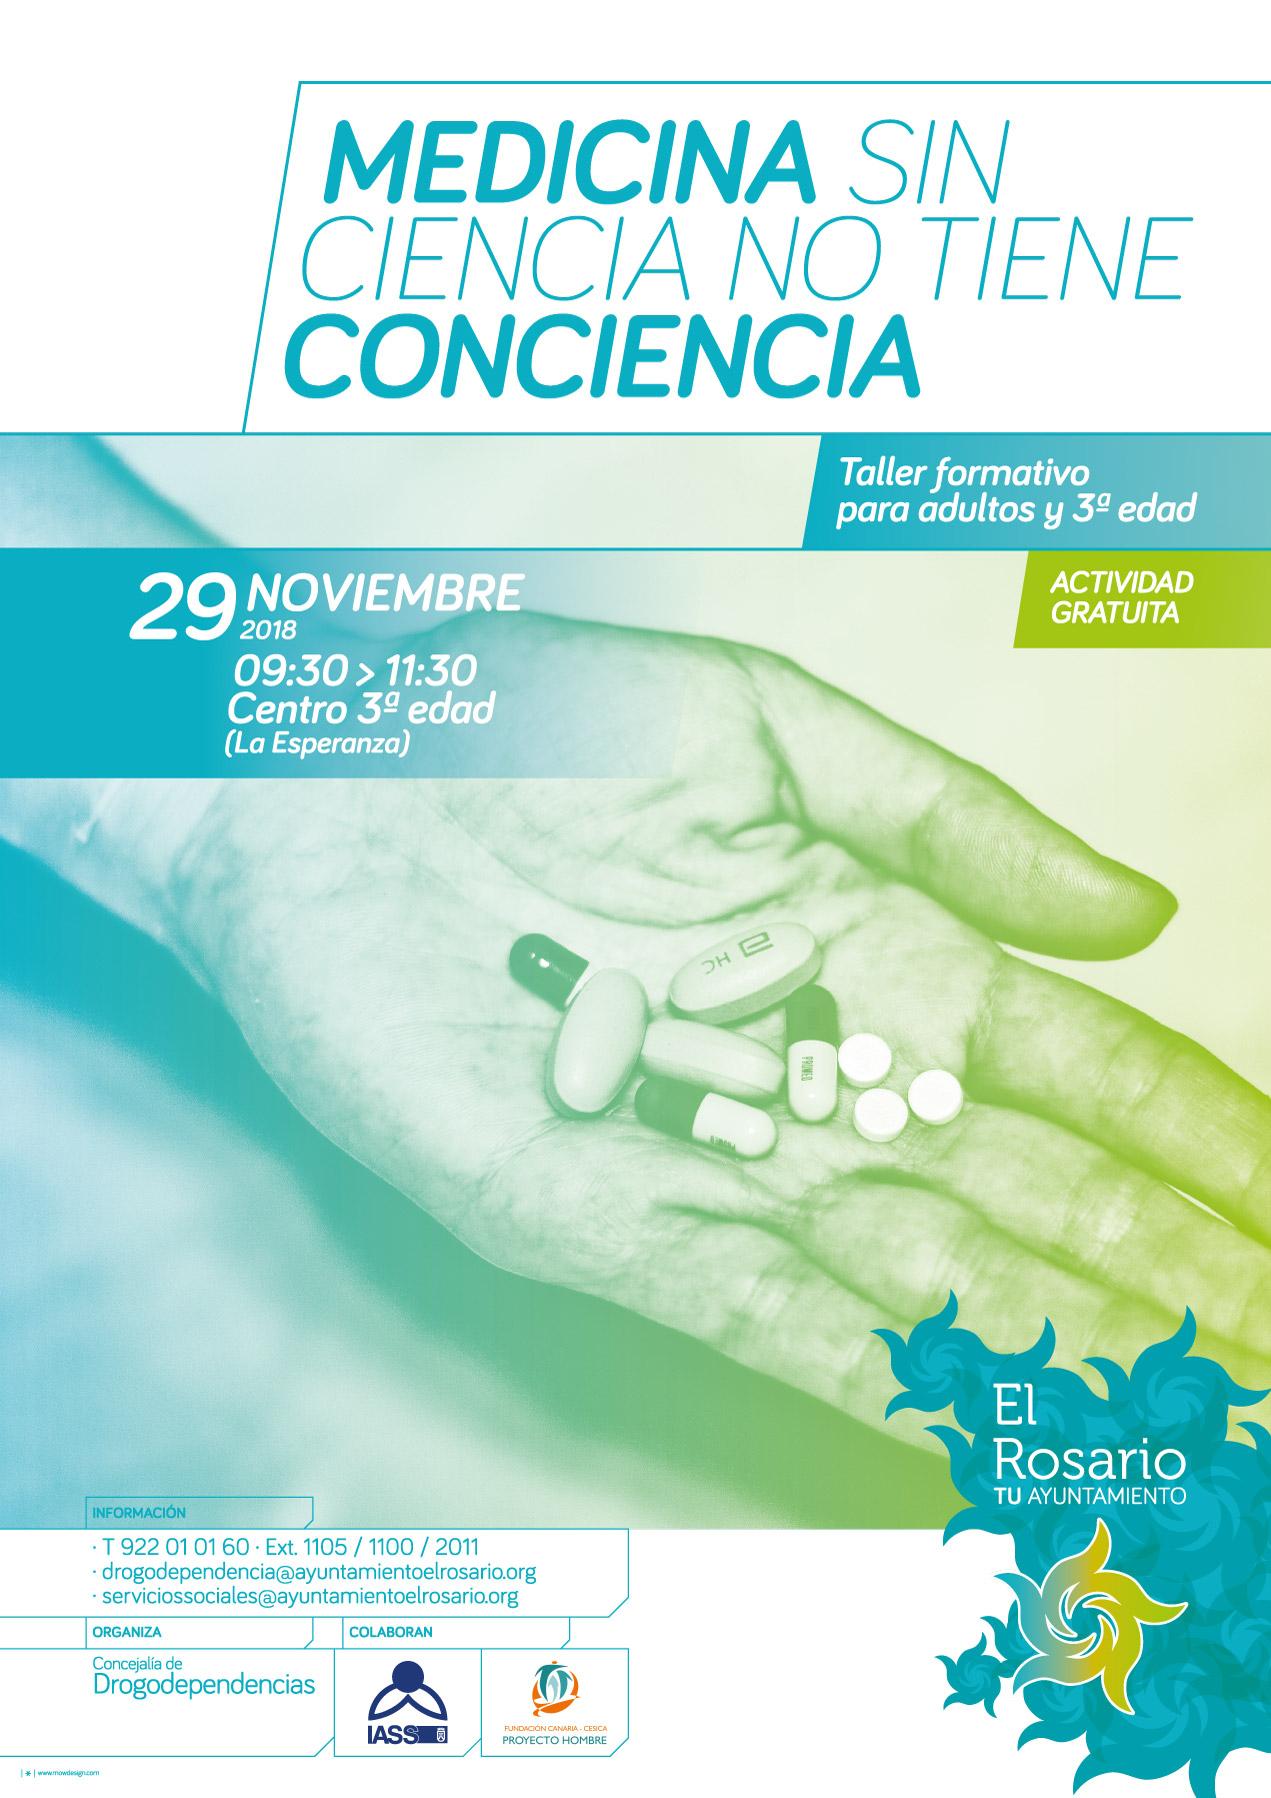 MEDICINA_SIN_CIENCIA-20181129-CARTEL-A3-20181123-01af-redes